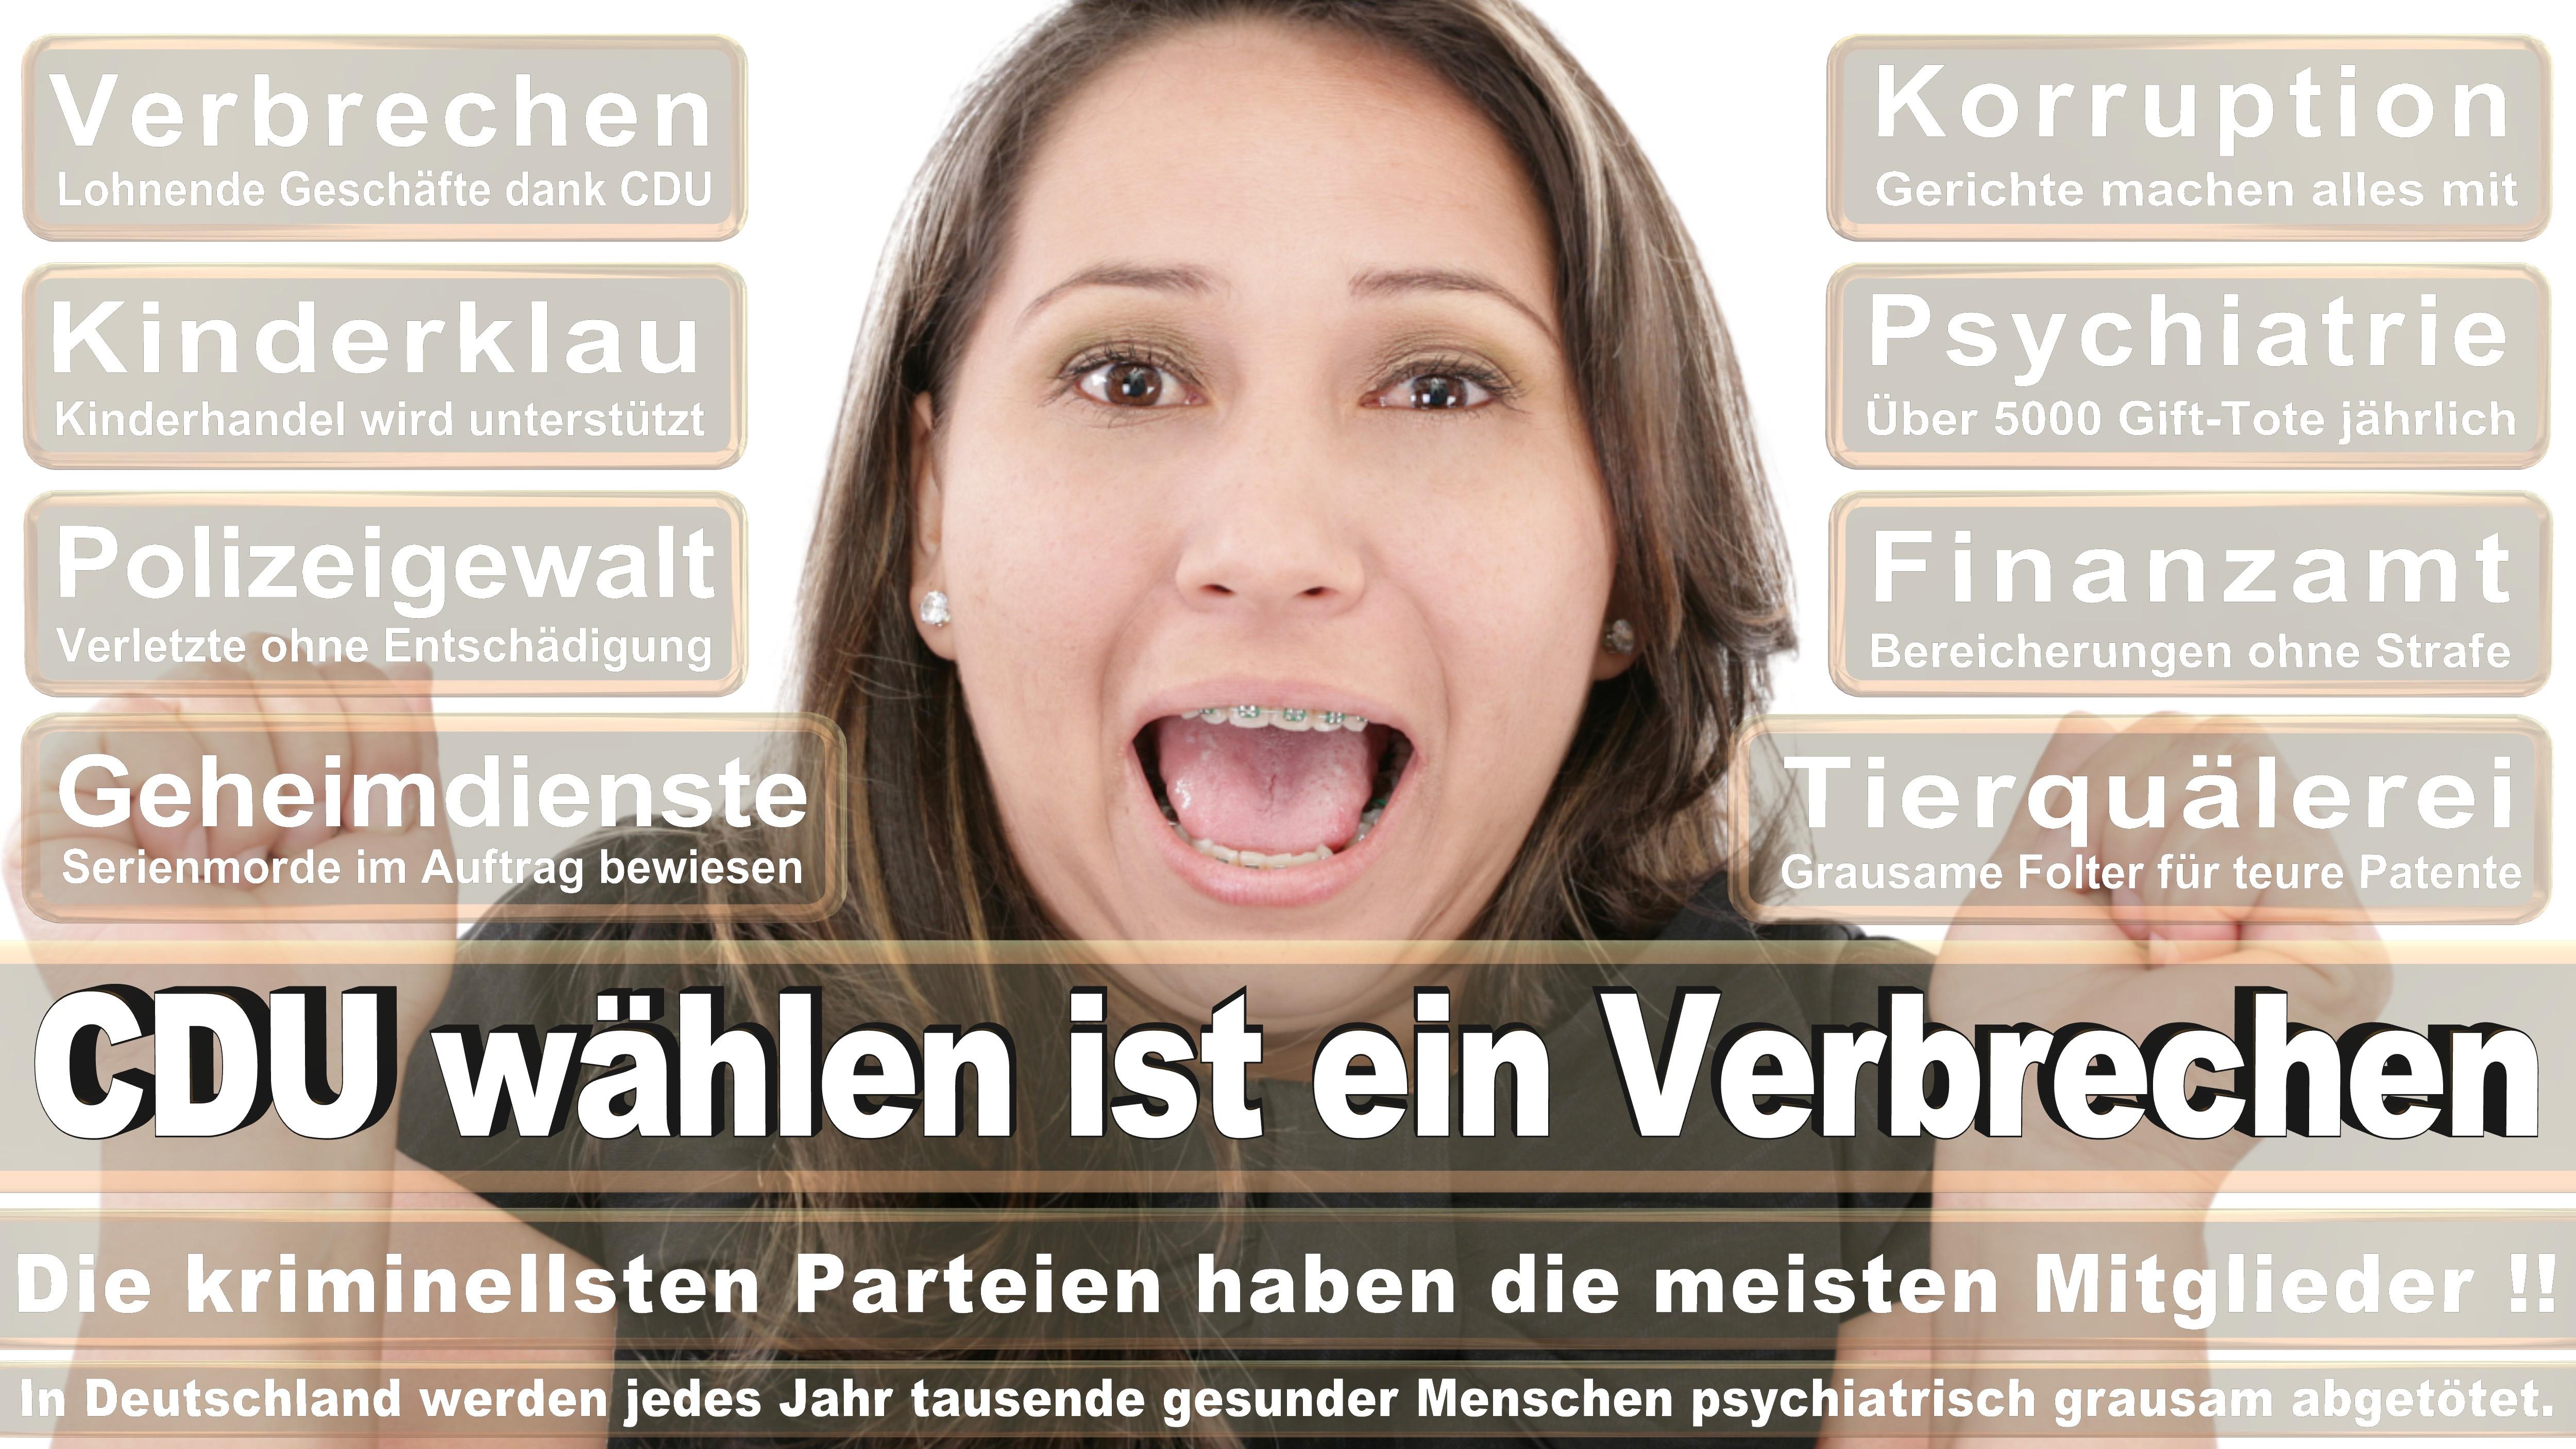 Jan Korte DIE LINKE Sachsen Anhalt Politiker Deutschland